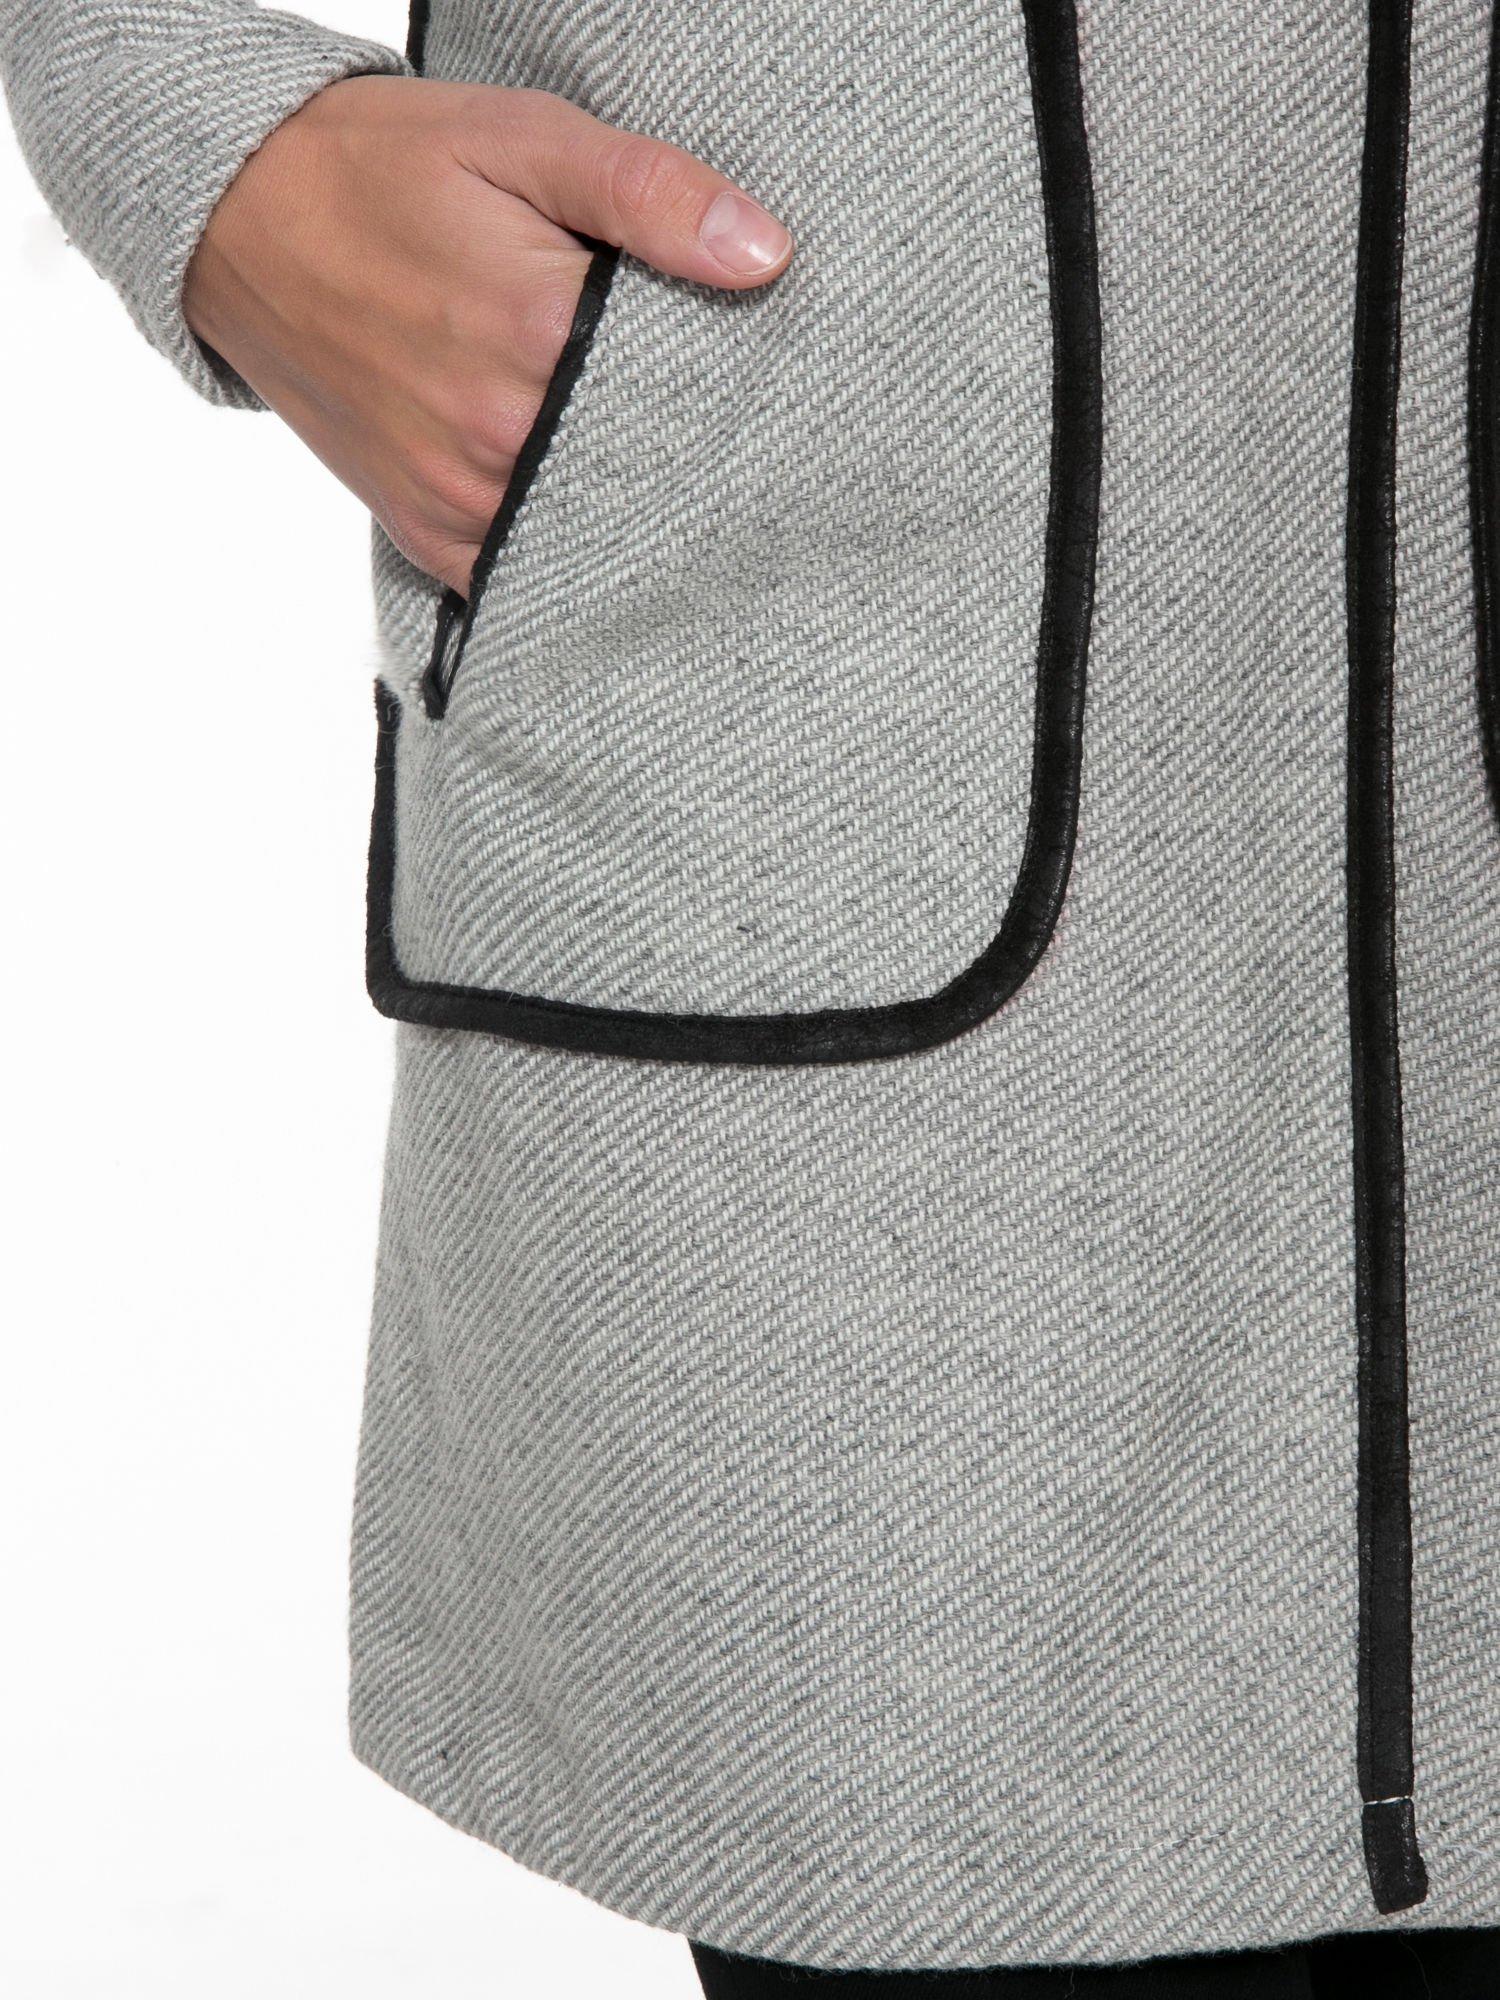 Jasnoszary wełniany długi żakiet o pudełkowym kroju ze skórzaną lamówką                                  zdj.                                  6